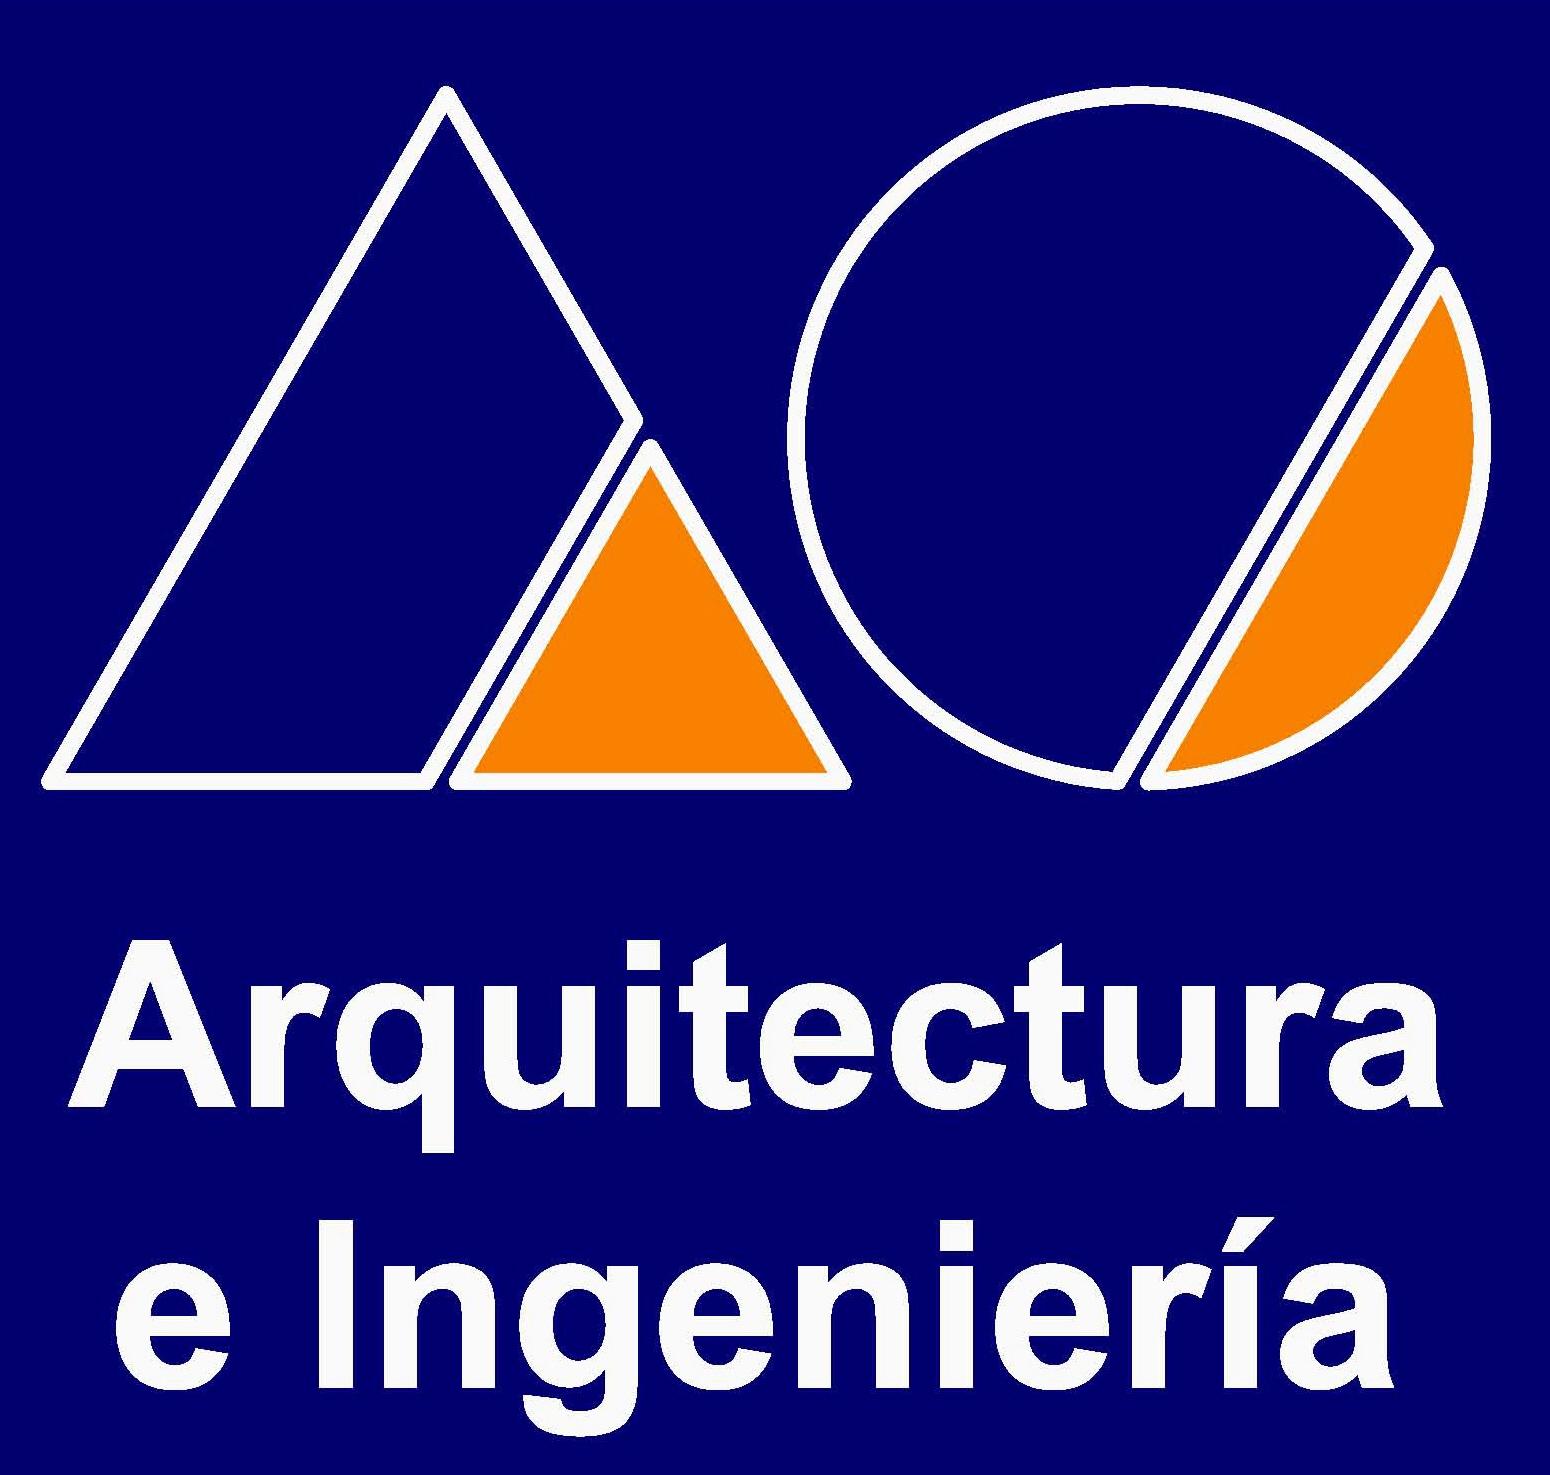 A0 Arquitectura e Ingeniería